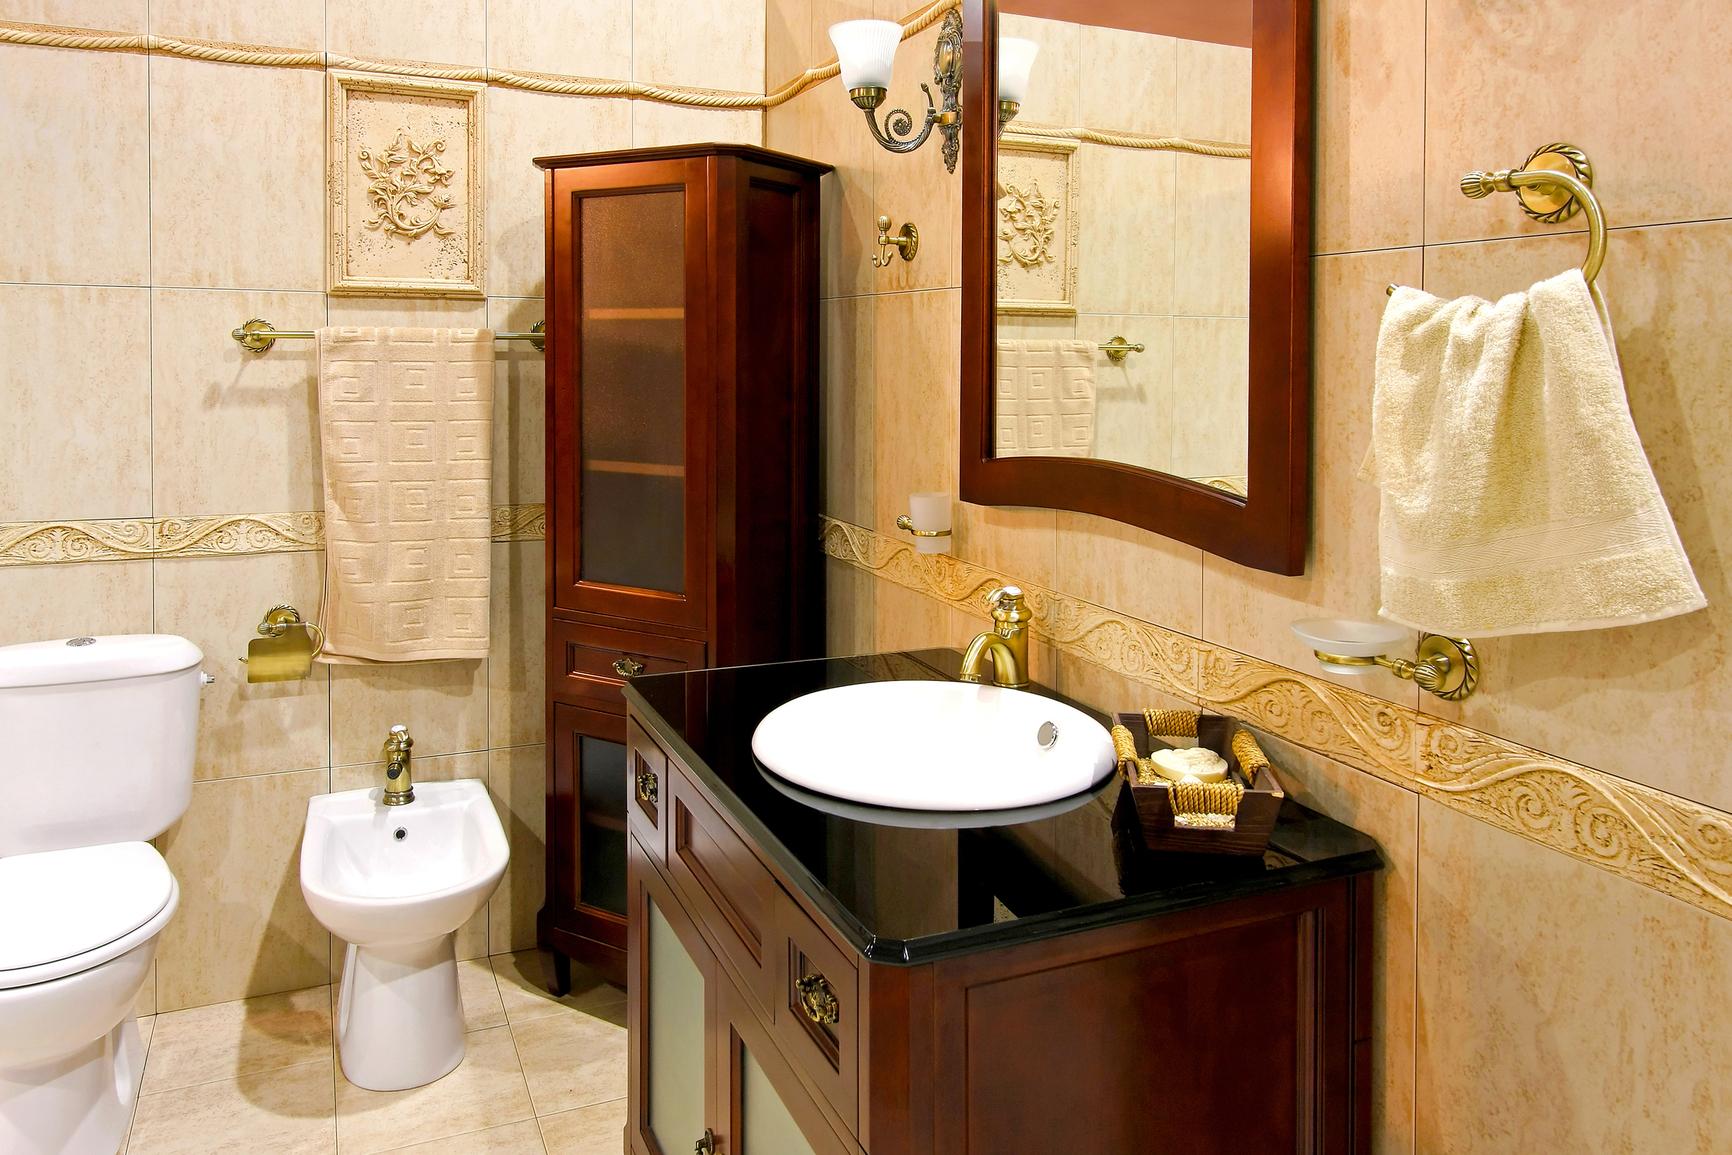 Bathroom remodeling bathroom remodeling simplified